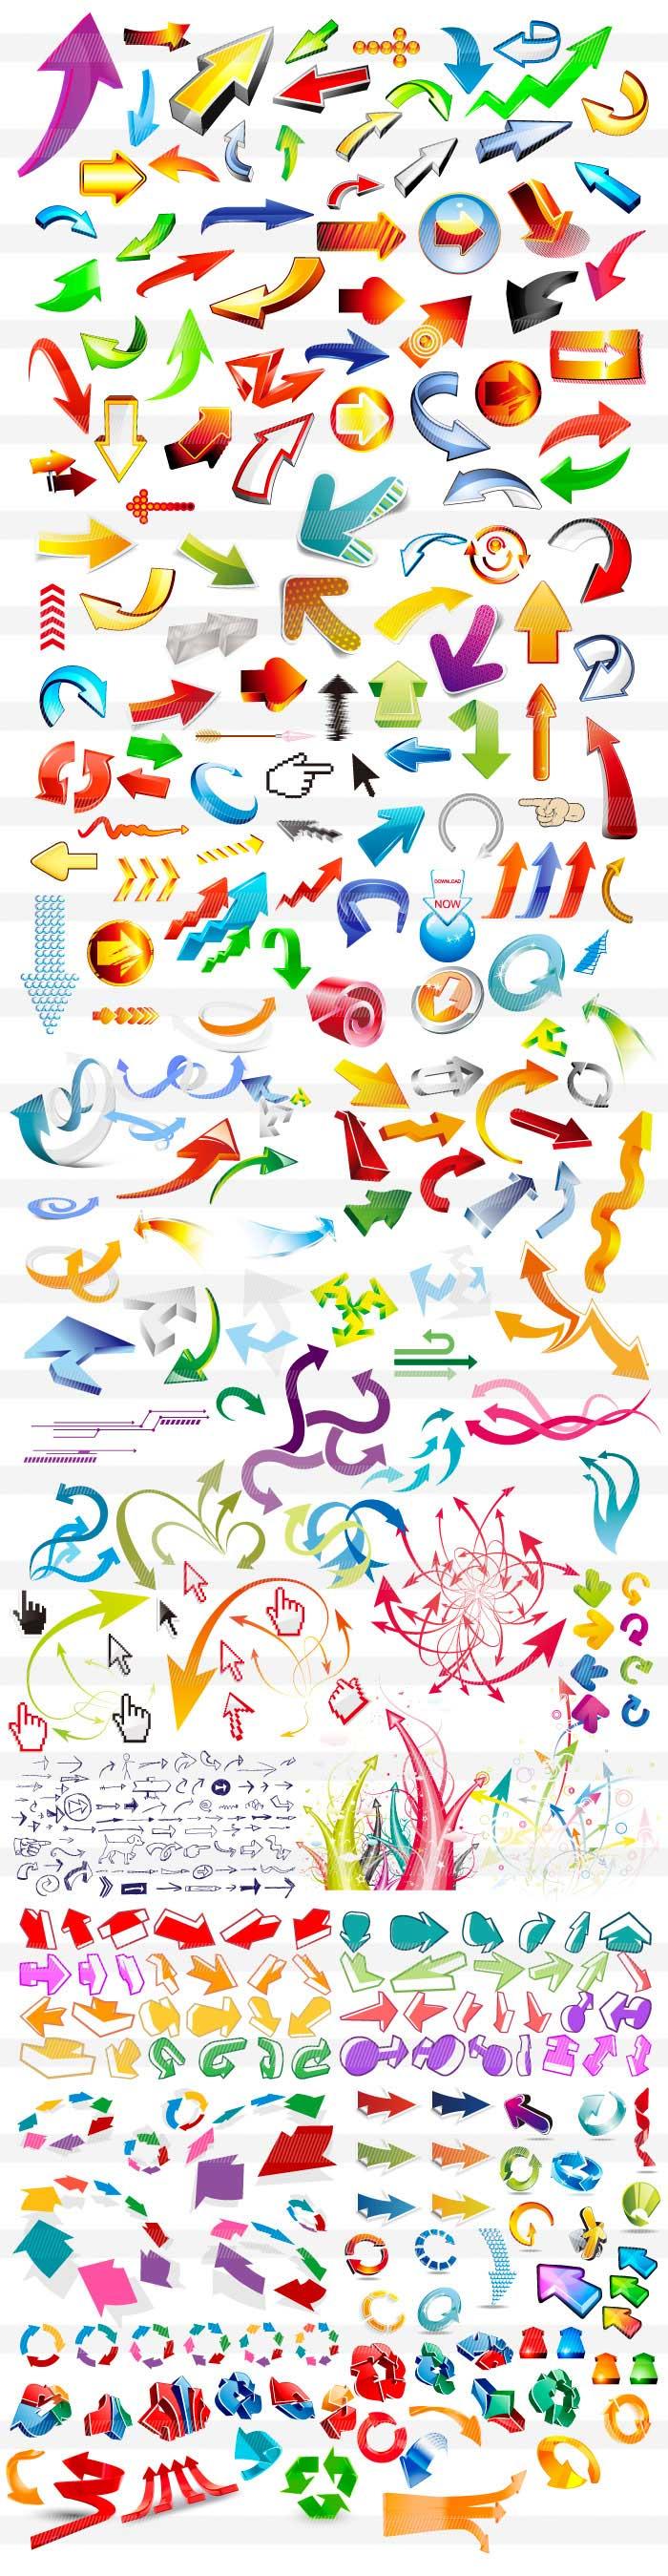 シンプルな矢印の無料イラスト ... : 世界の国旗ダウンロード : すべての講義